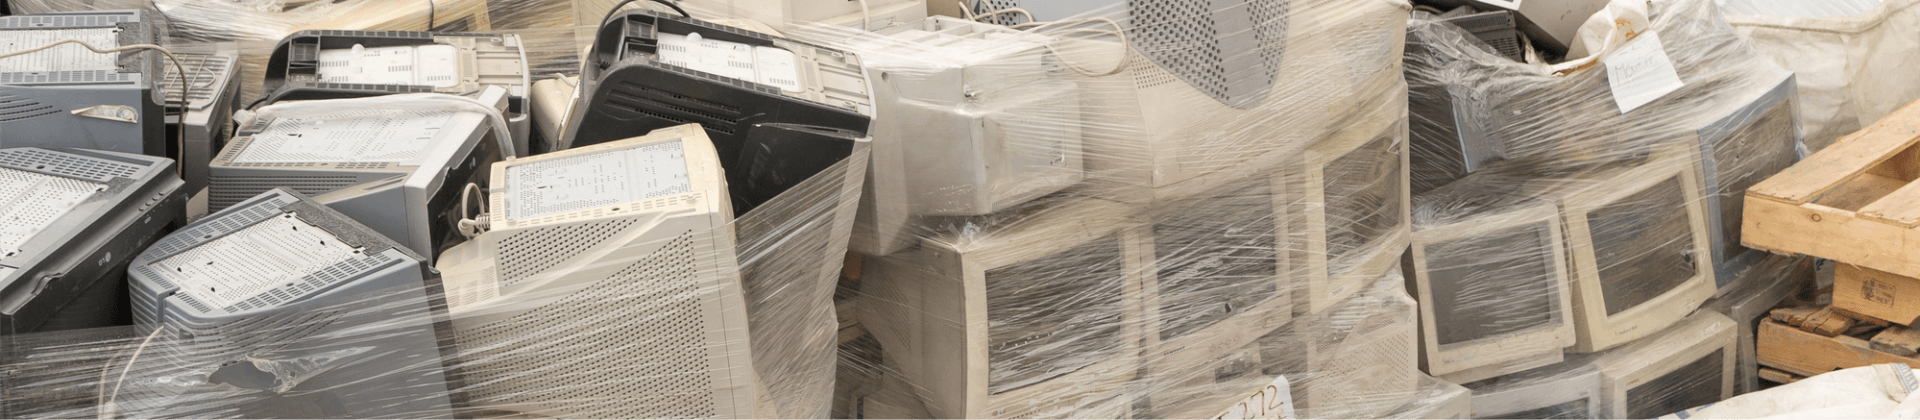 Утилизация компьютерной и оргтехники с вывозом